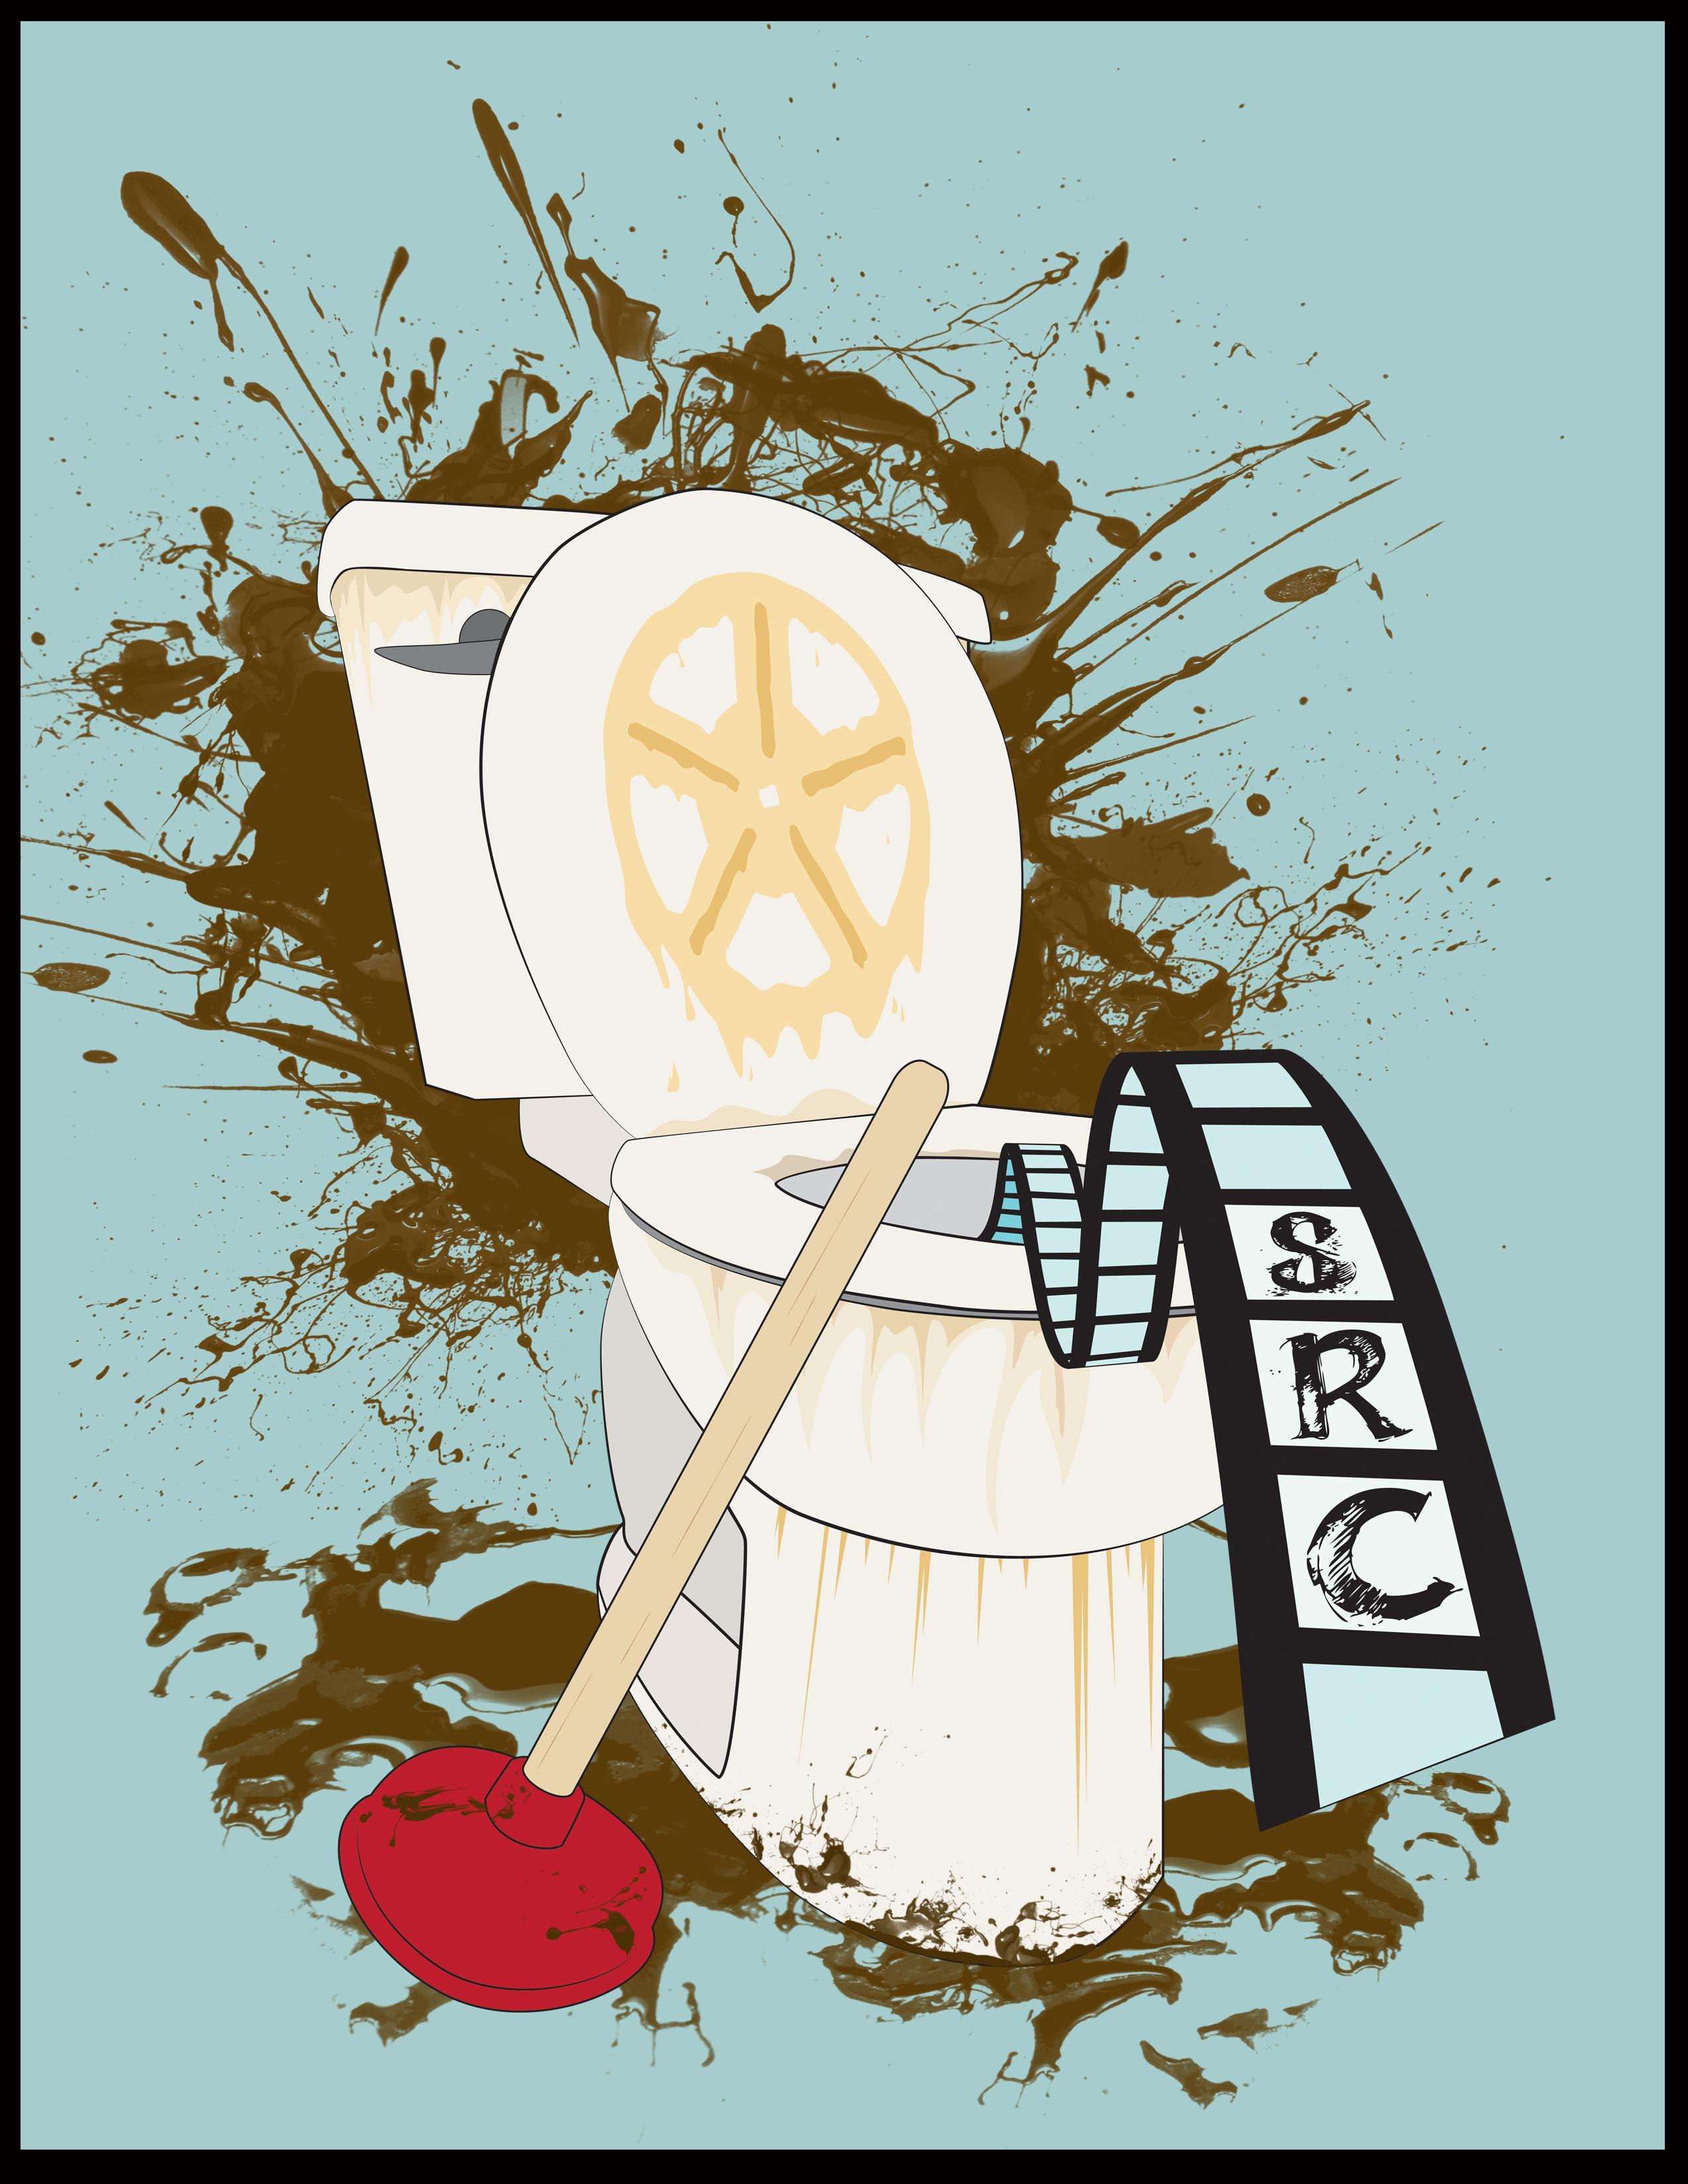 SRC Stall #21: Cross (2011)